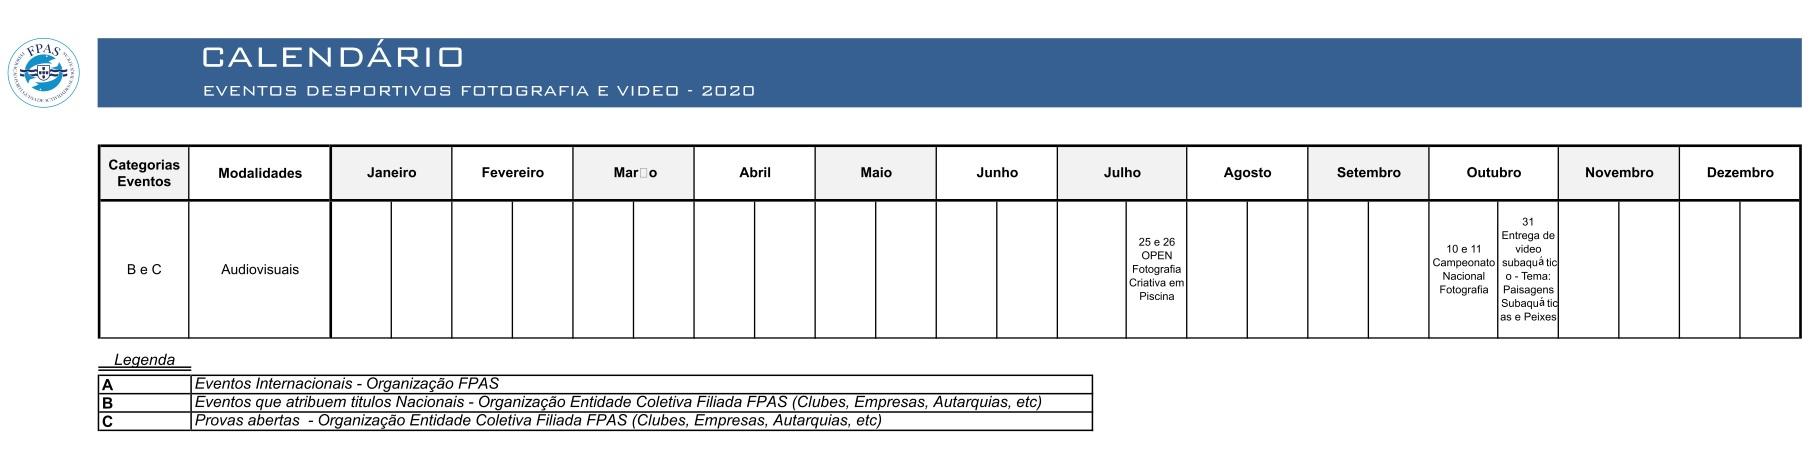 Calendário2020_03-09-2020.jpg